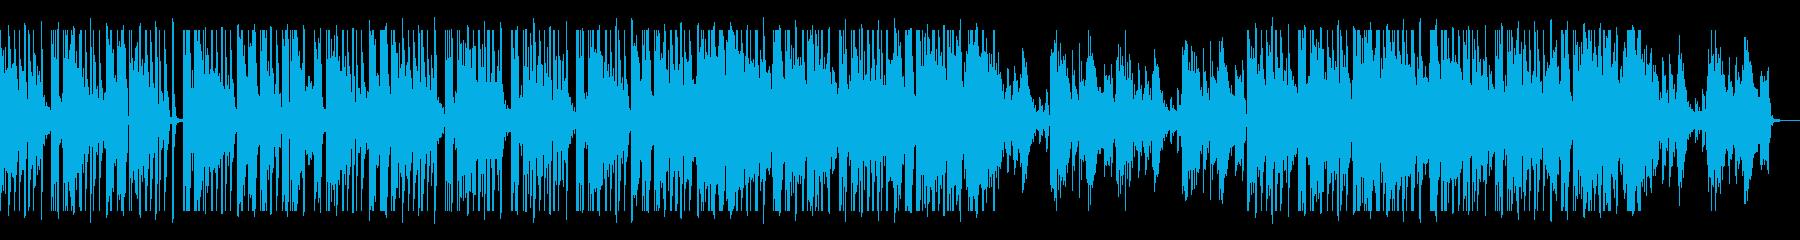 lo-fiエレピ ゆったりチルアウトの再生済みの波形